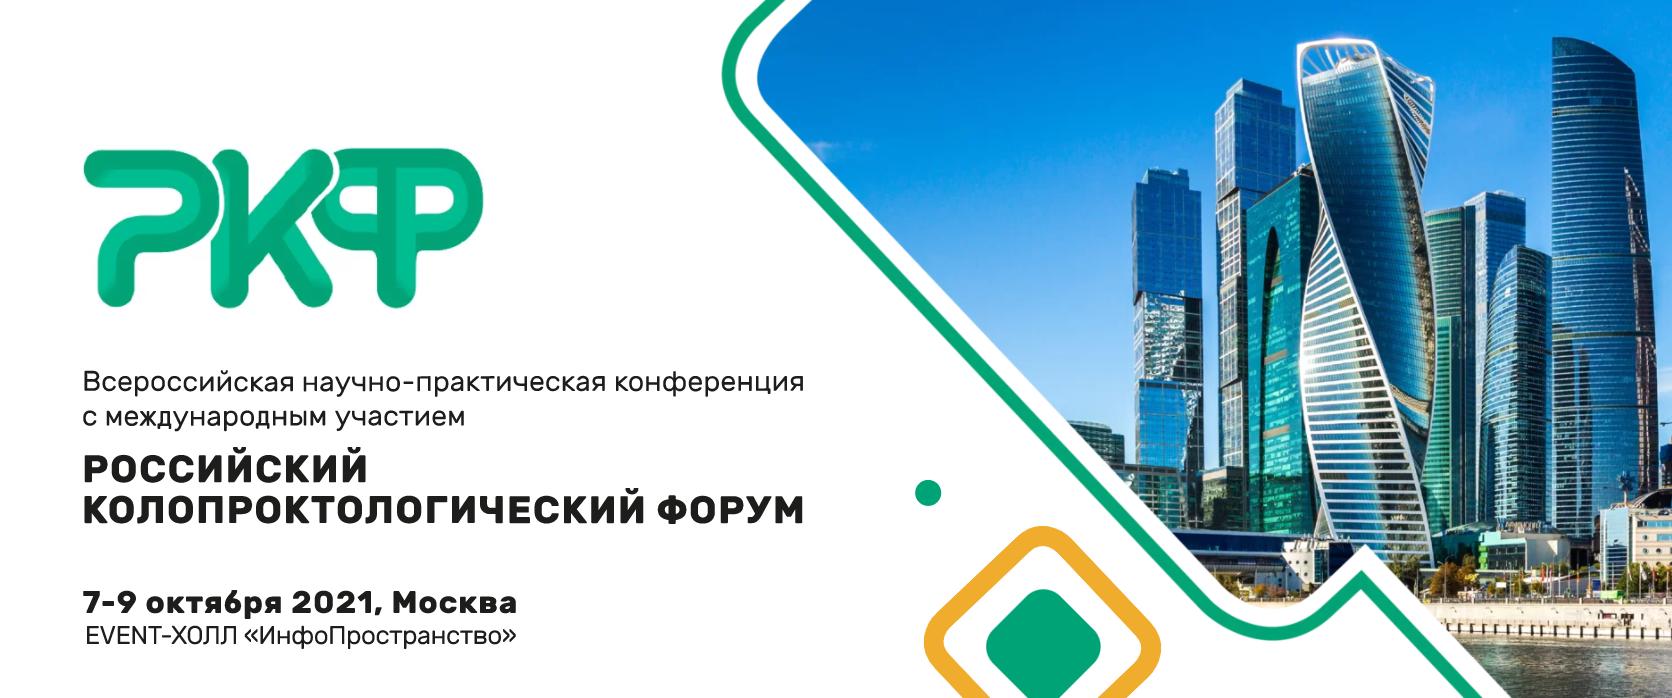 Российский колопроктологический форум